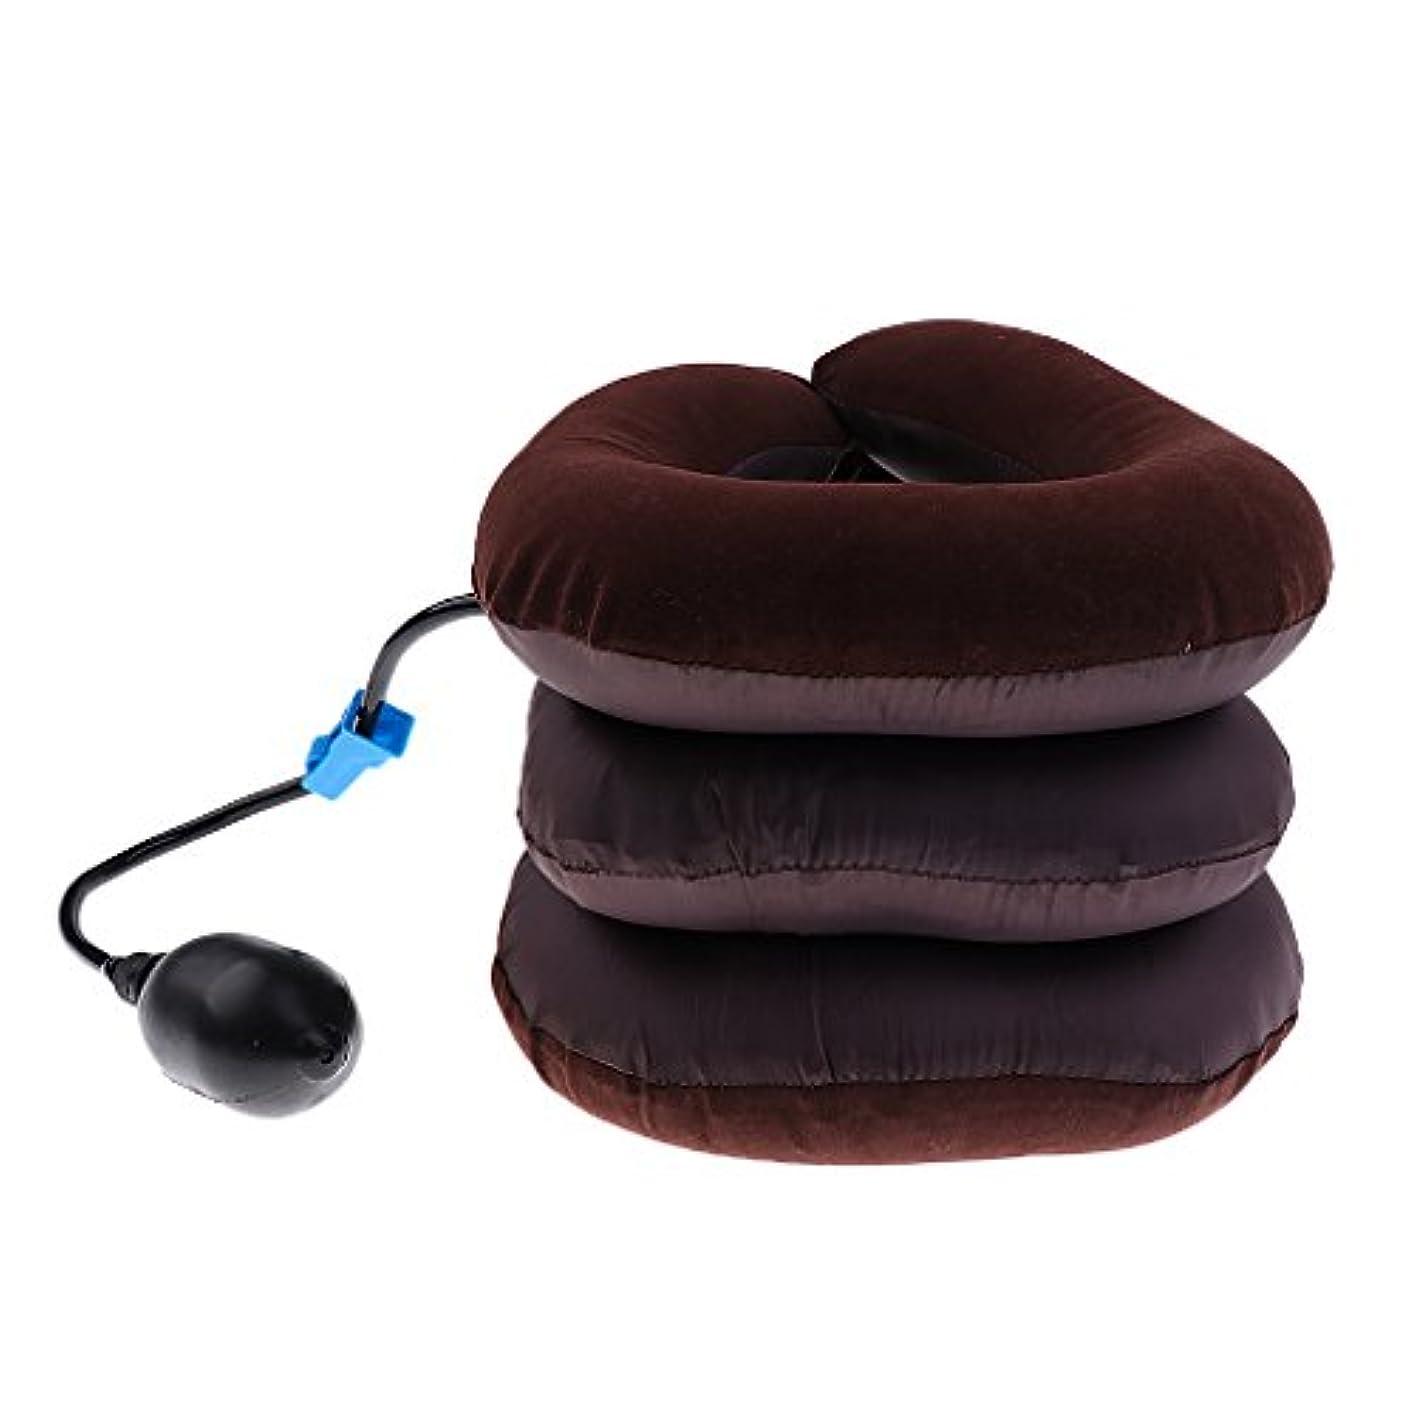 振幅ドラッグ階段dailymall 2xインフレータブルポンプピローネックヘッドトラクションサポートデバイス-コーヒー